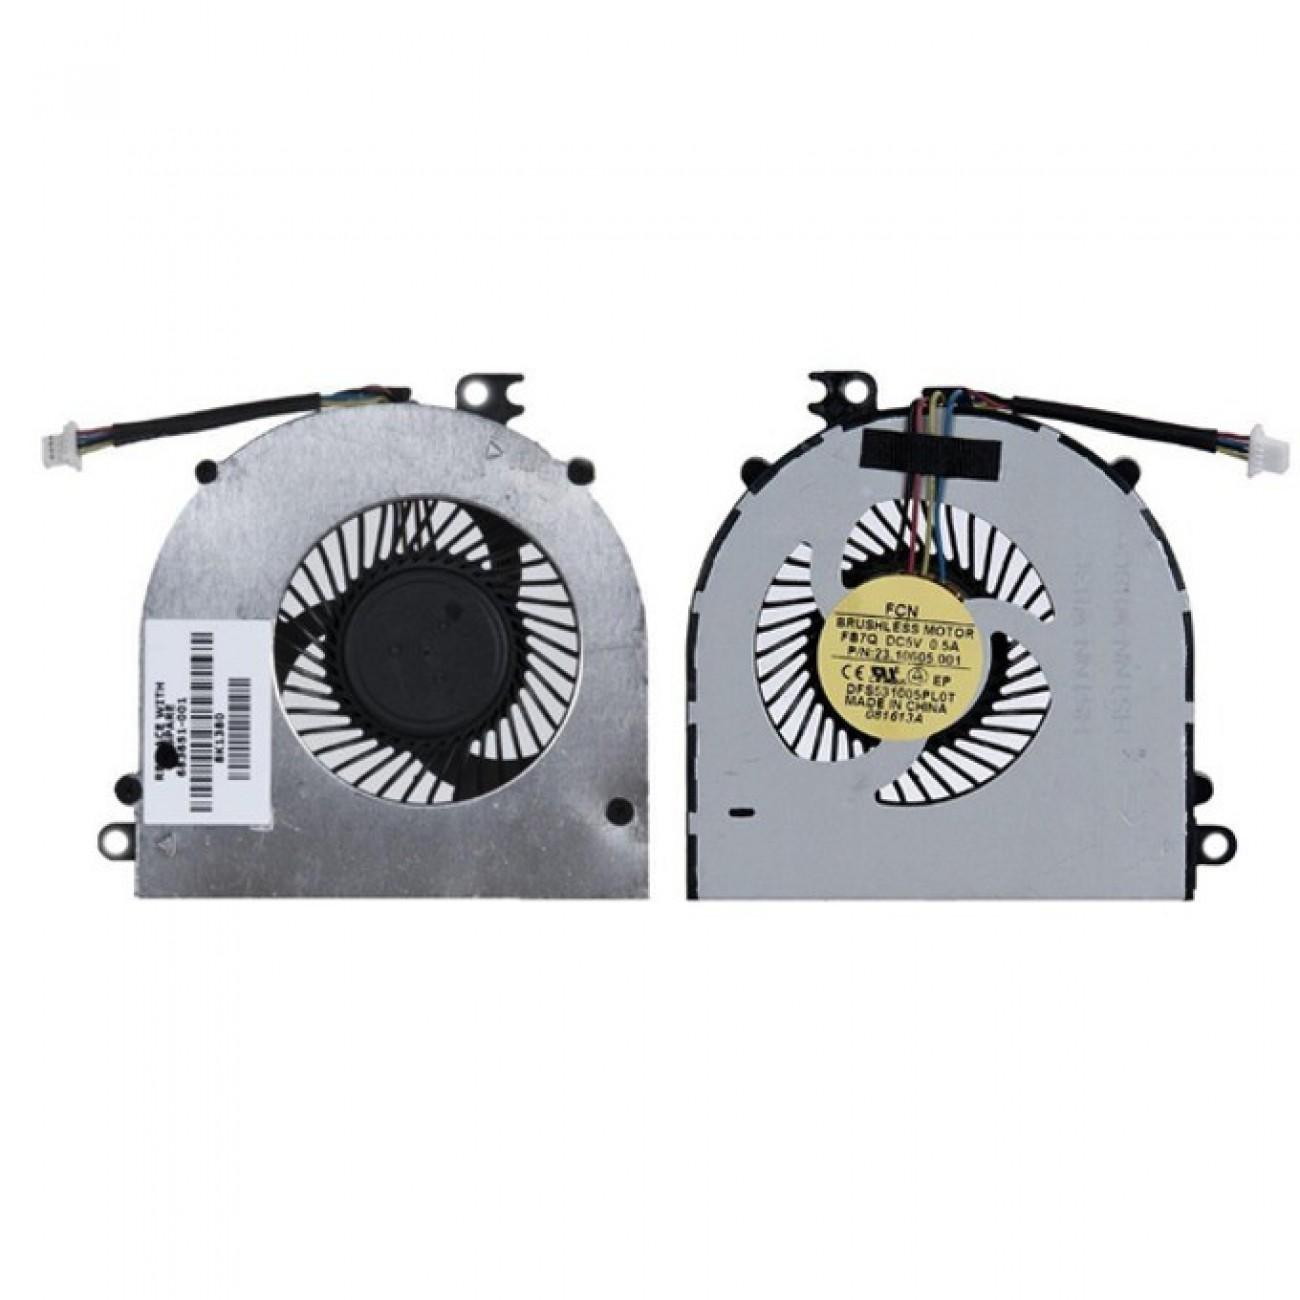 Вентилатор за лаптоп, съвместим с HP 4440s 4441s 4445s 4446s ProBook 4440s 4441s 4445s в Резервни части -  | Alleop